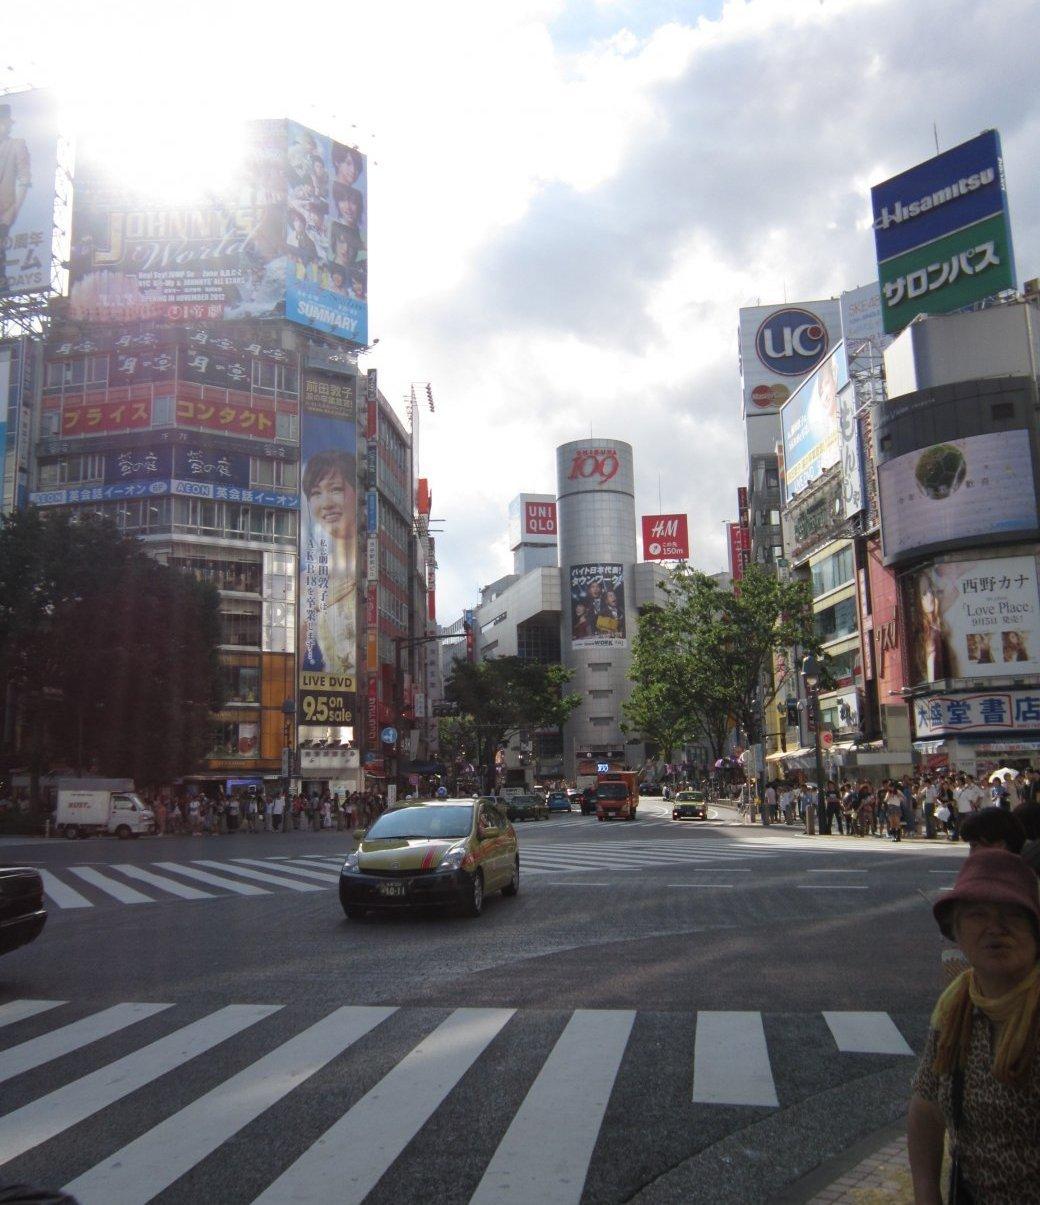 Поездка вЯпонию— это легко инедорого. Понятная инструкция «Канобу». - Изображение 14